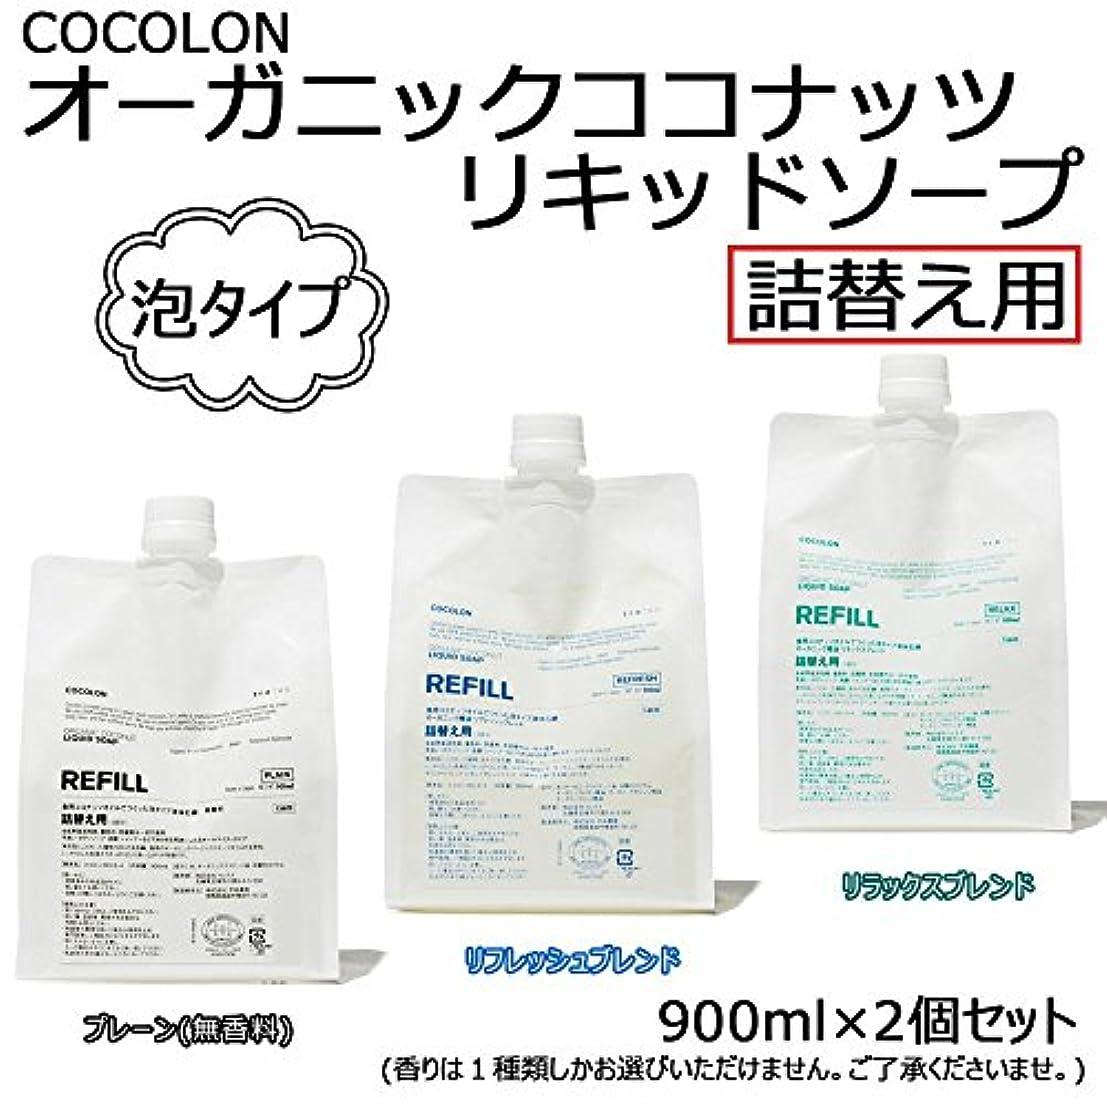 拡大するマーカー補体COCOLON ココロン オーガニックココナッツリキッドソープ 泡タイプ 詰替え用 900ml 2個セット リフレッシュブレンド